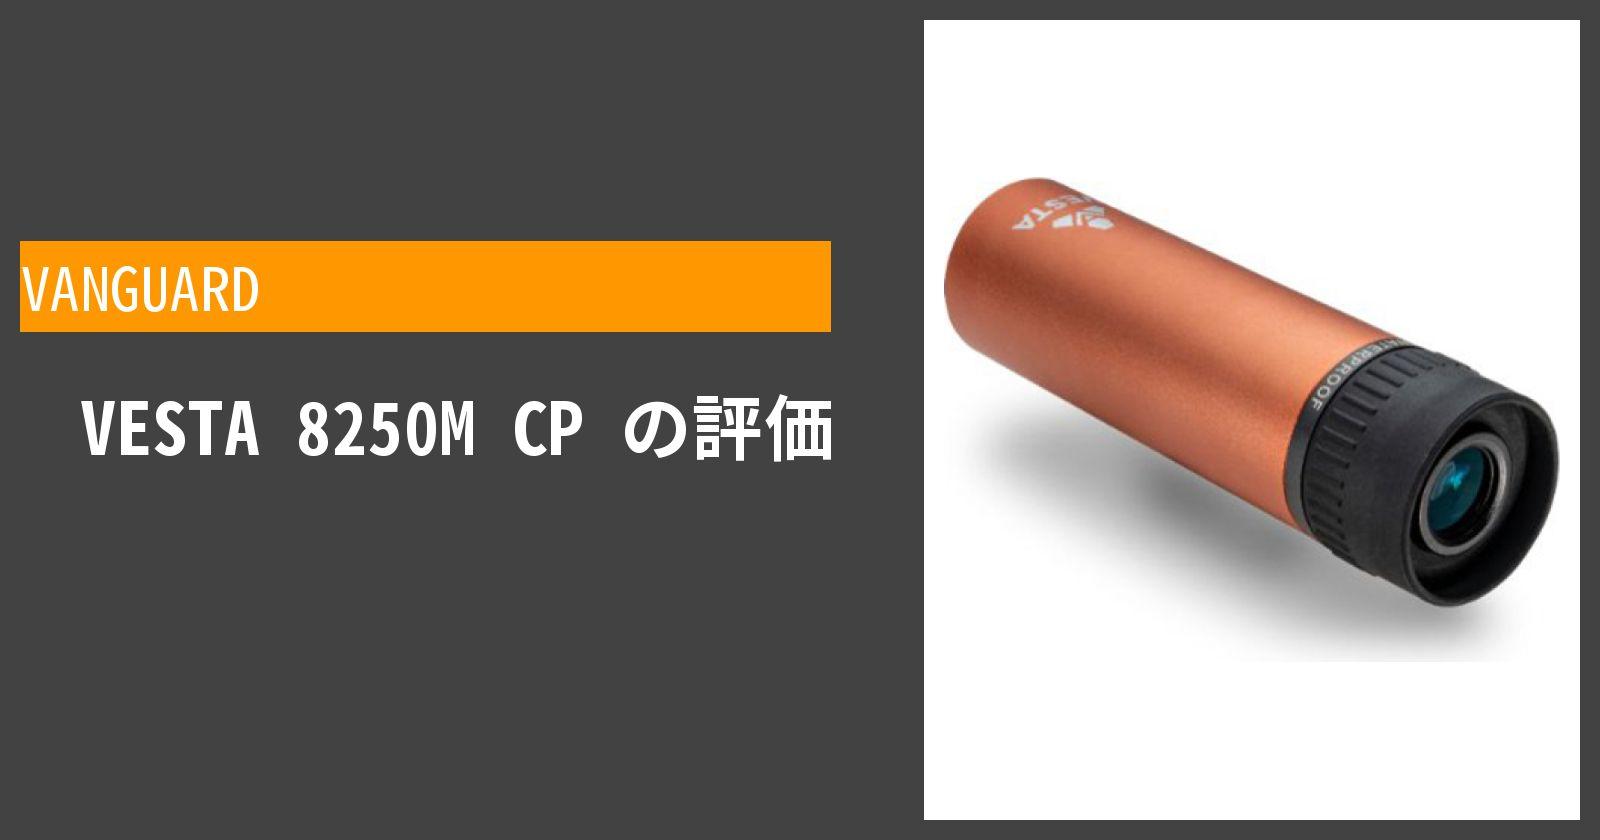 VESTA 8250M CPを徹底評価